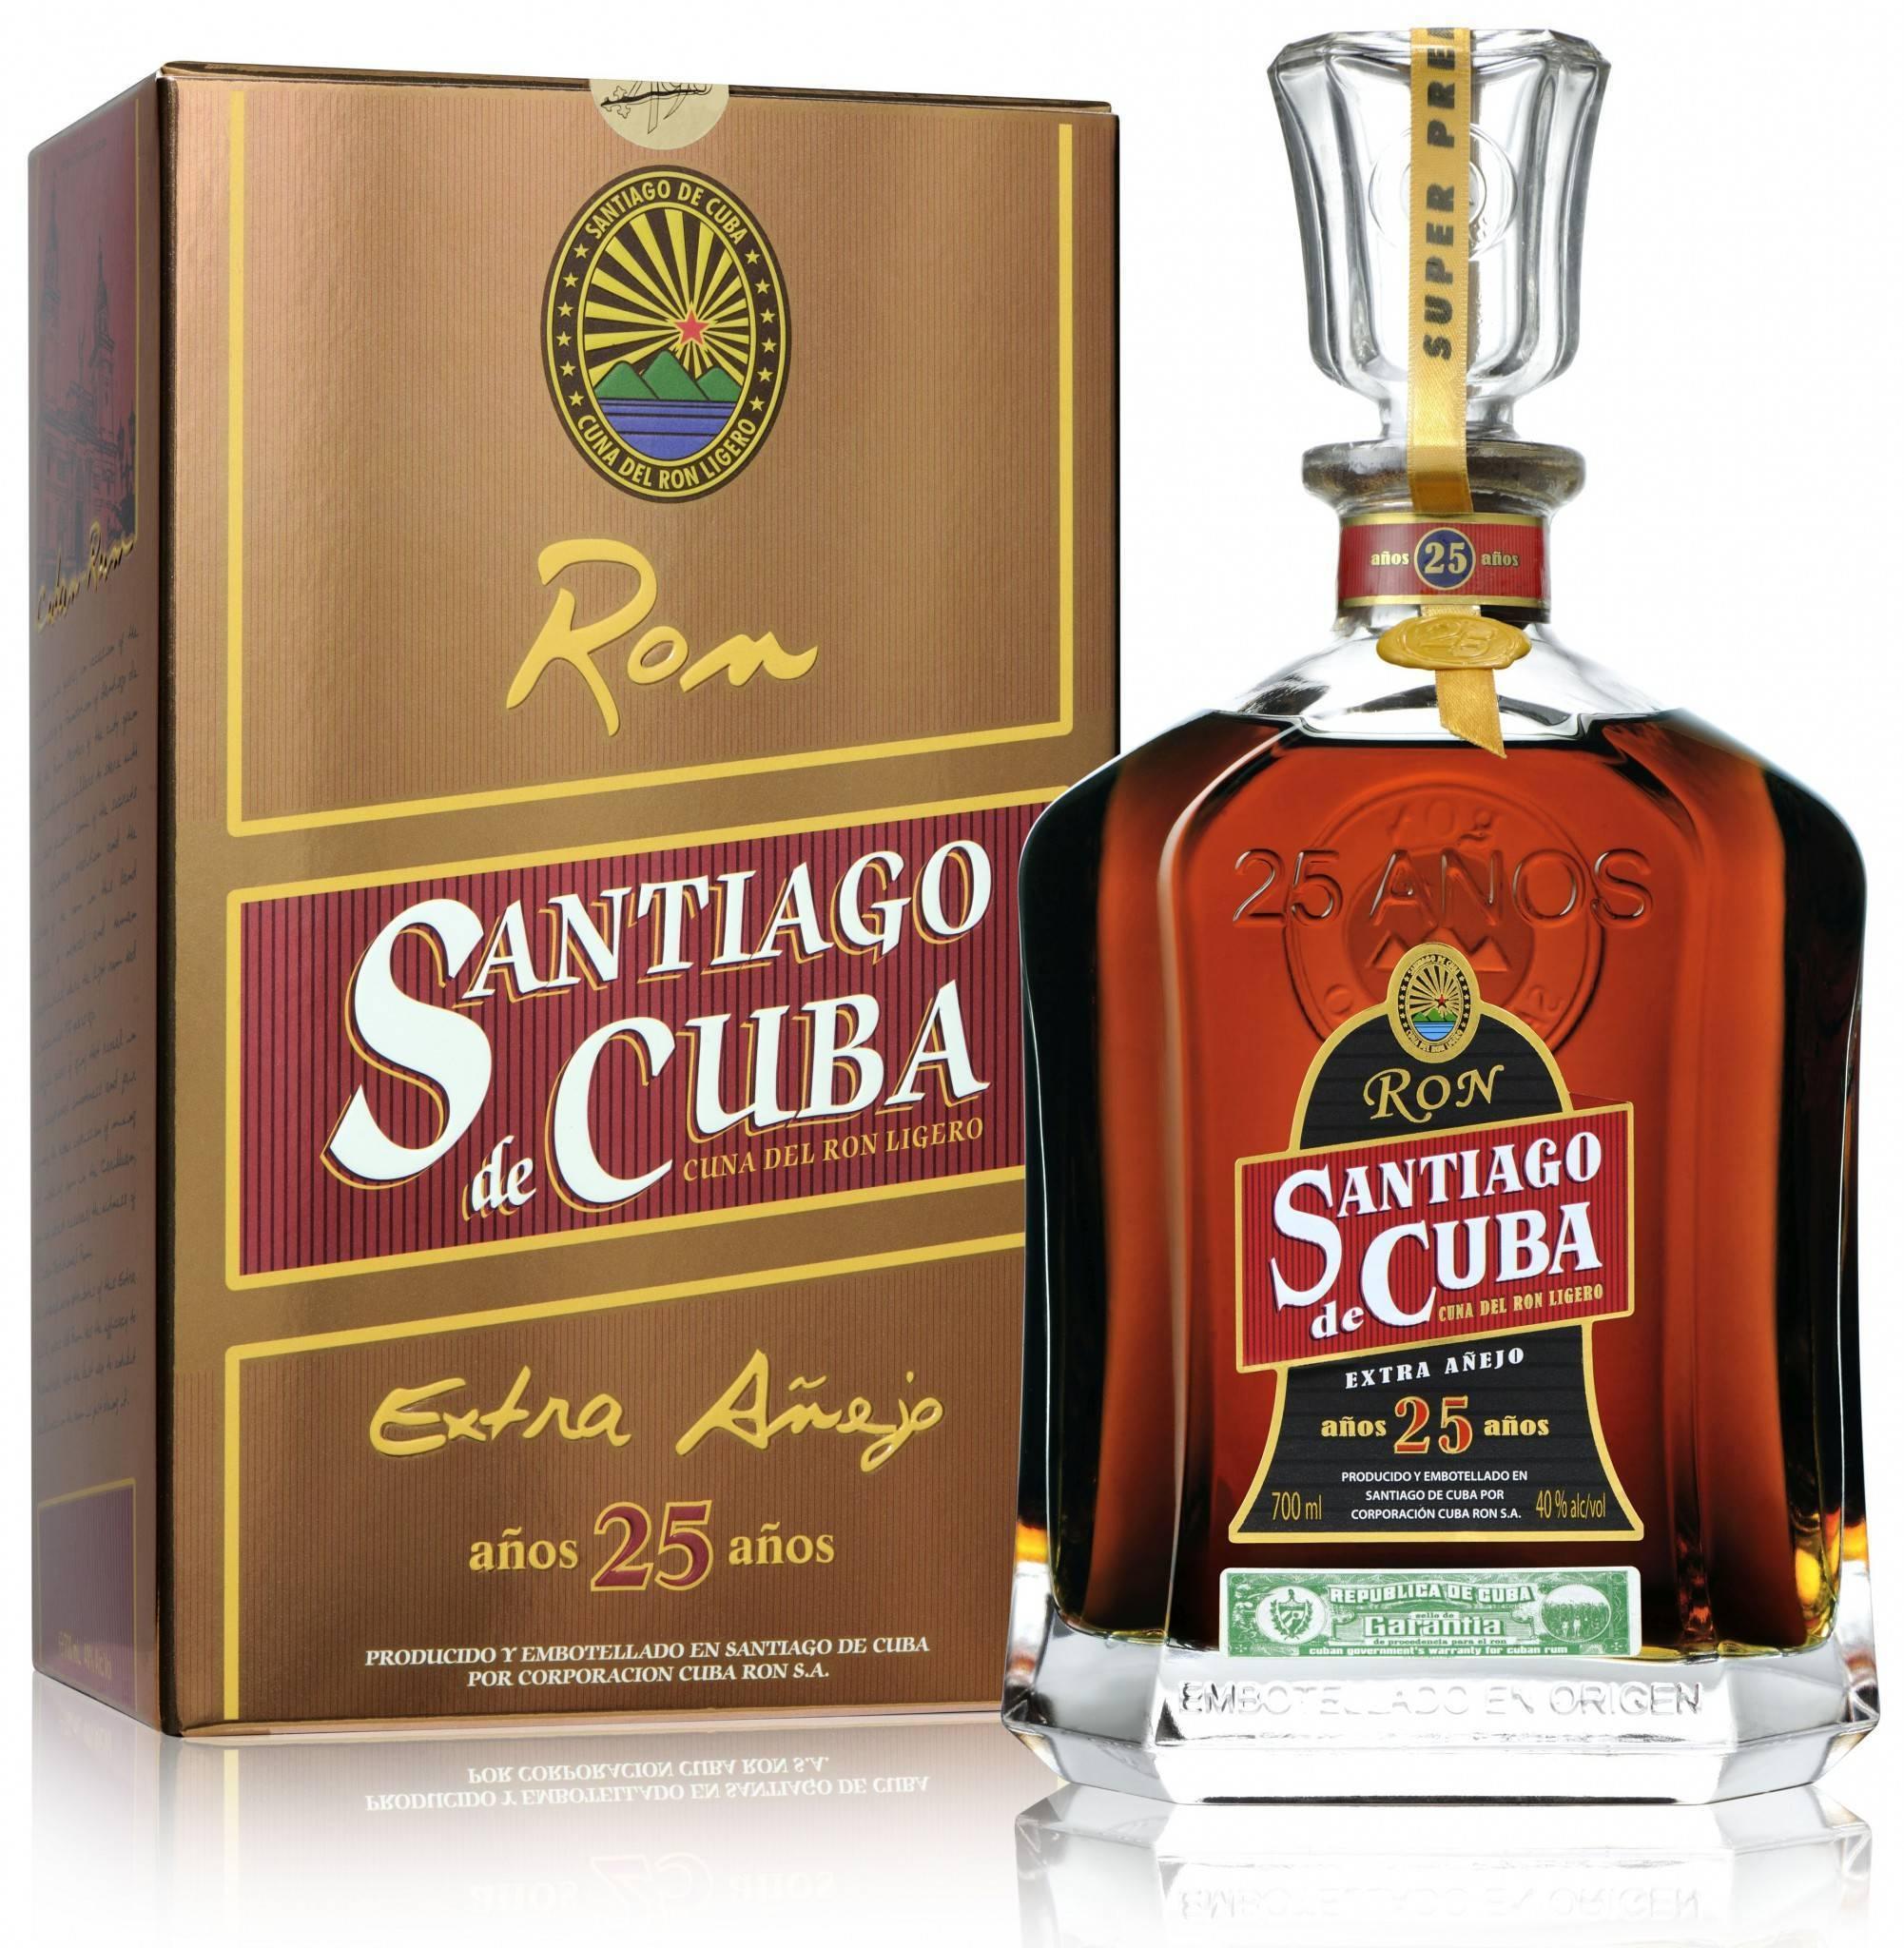 Ром santiago-de-cuba (сантьяго-де-куба) — описание и стоимость напитка, история появления